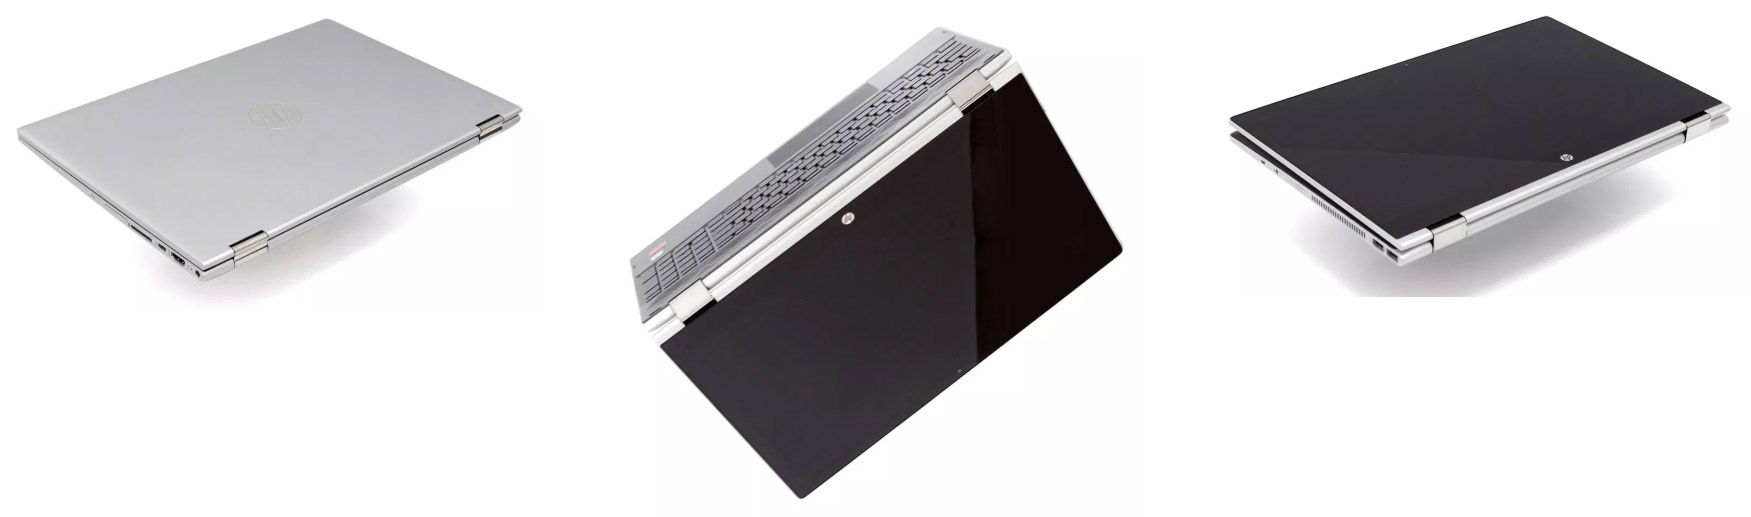 HP 惠普Pavilion畅游人 x360 15(15-cr0000)评测